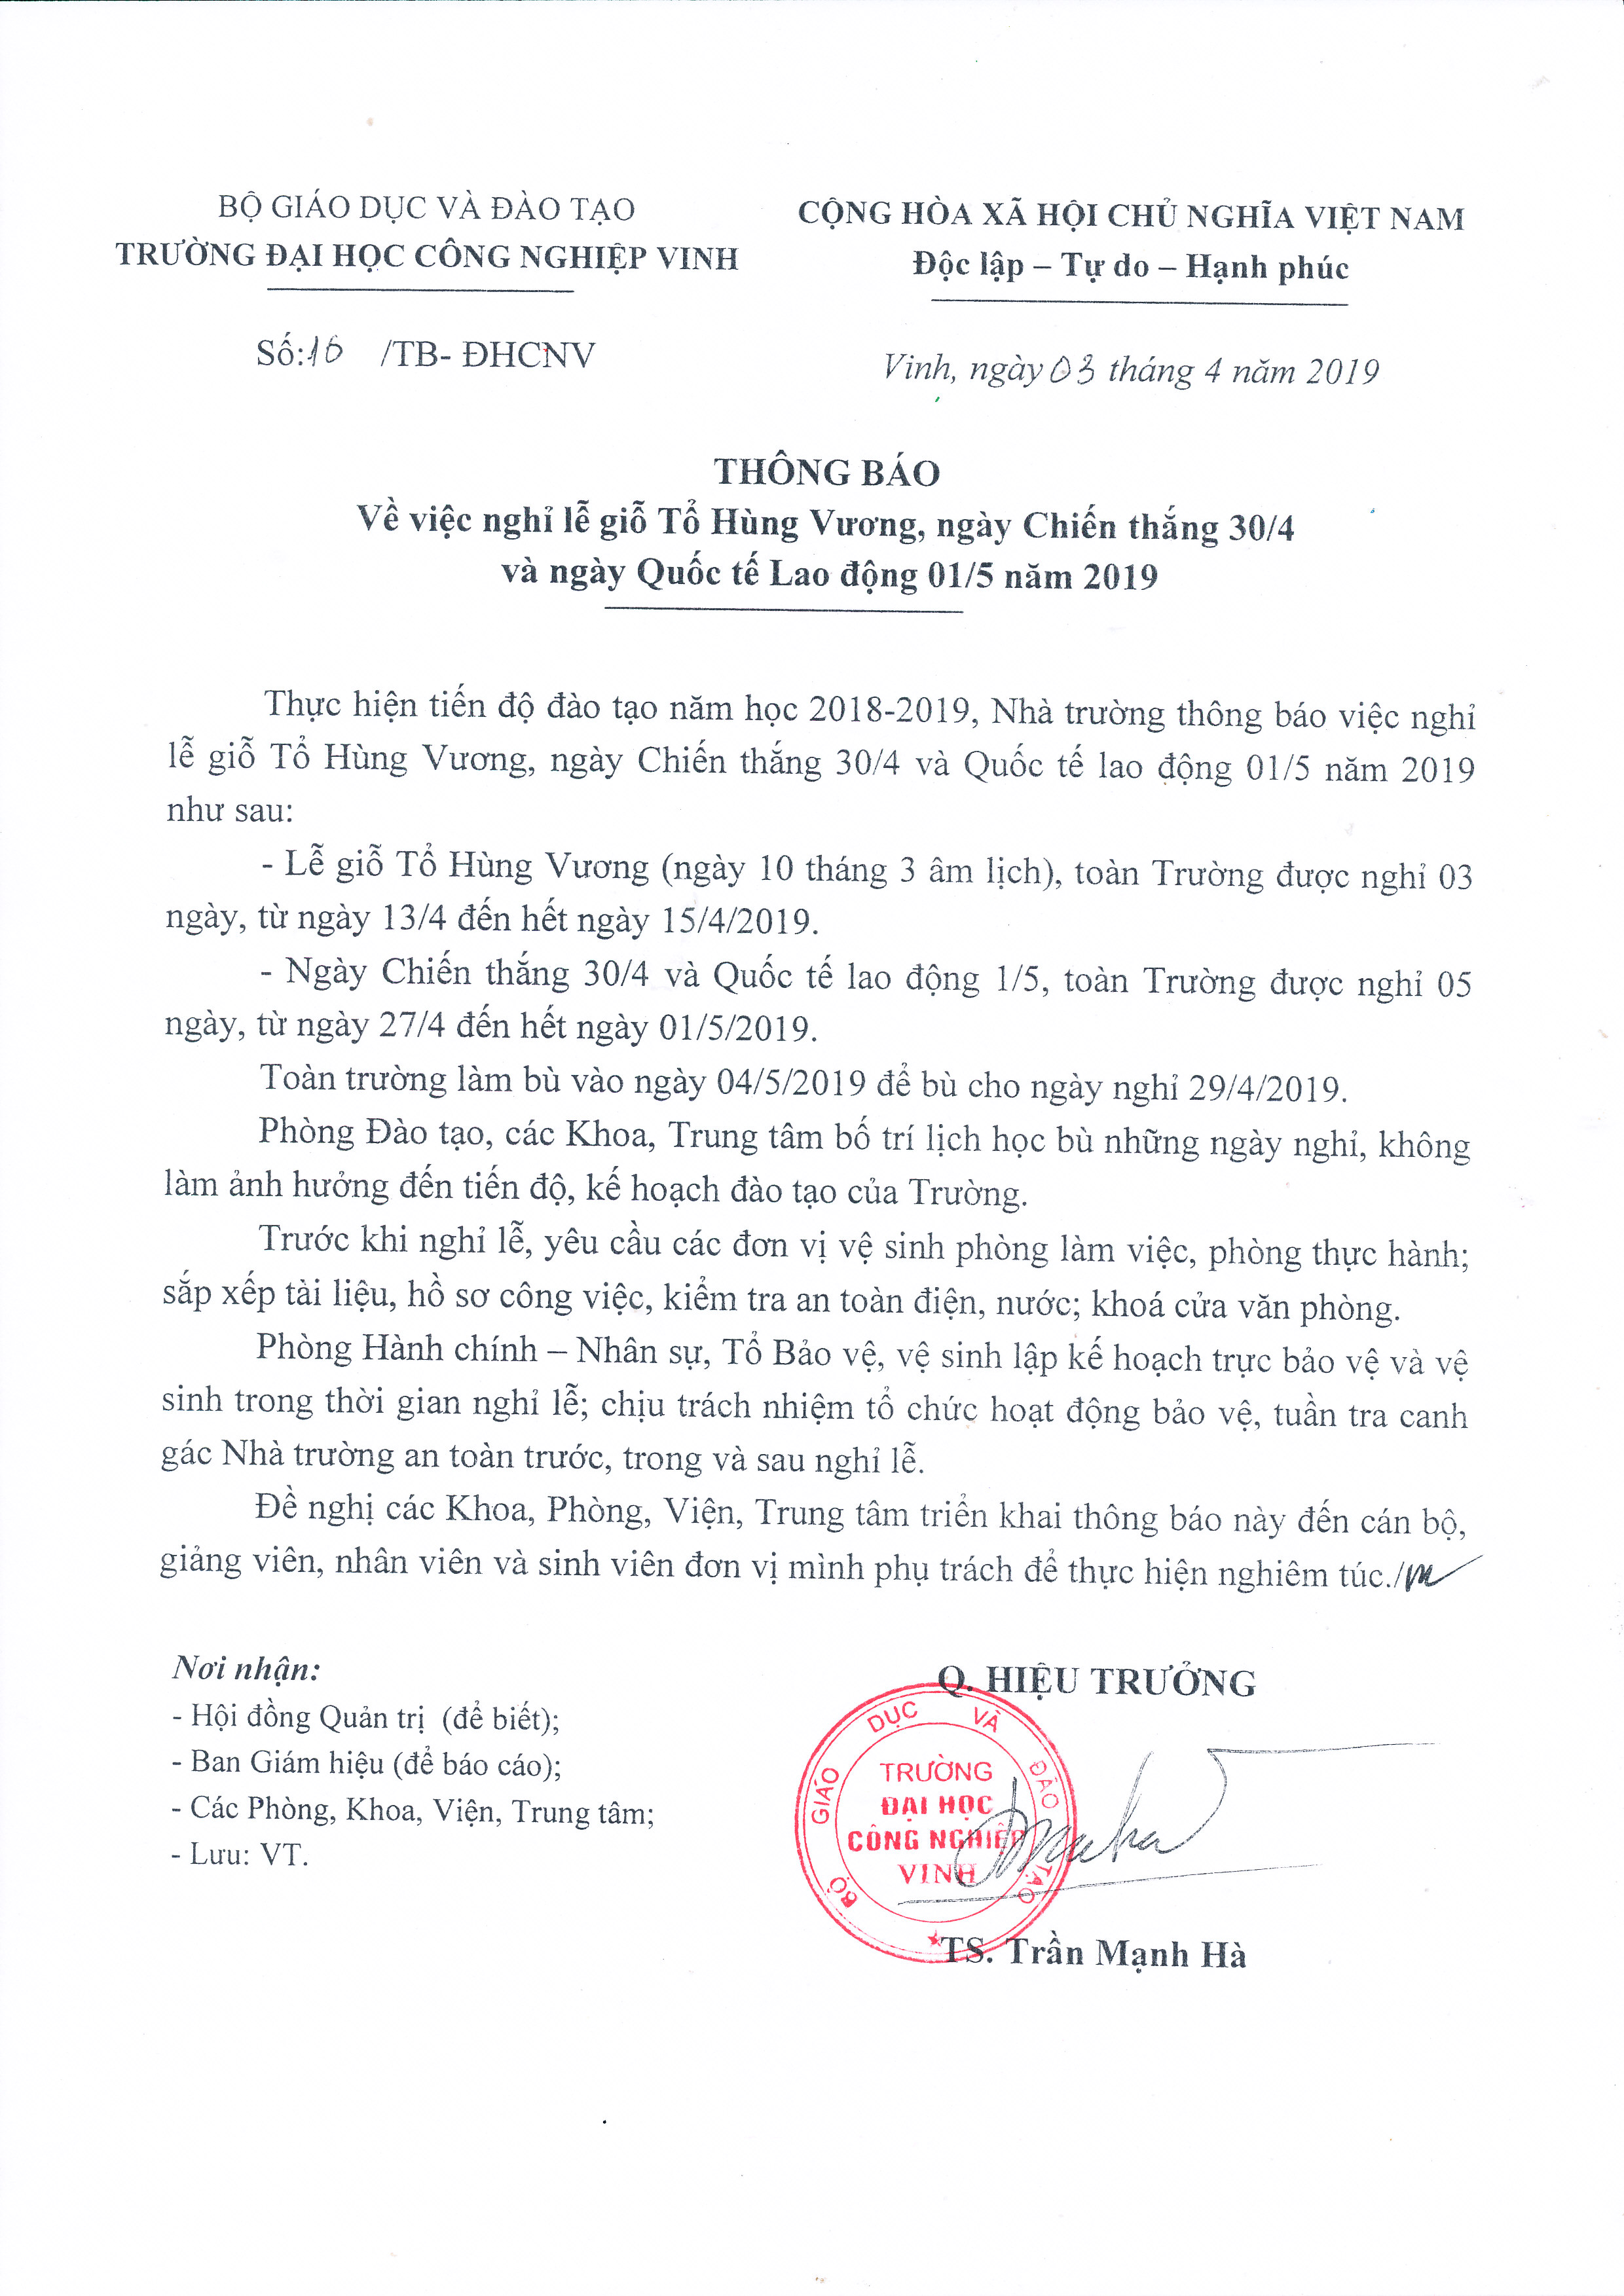 Thông báo về việc nghỉ lễ Giổ Tổ Hùng Vương, Chiến thắng 30/04 và ngày Quốc tế Lao động 01/5/2019